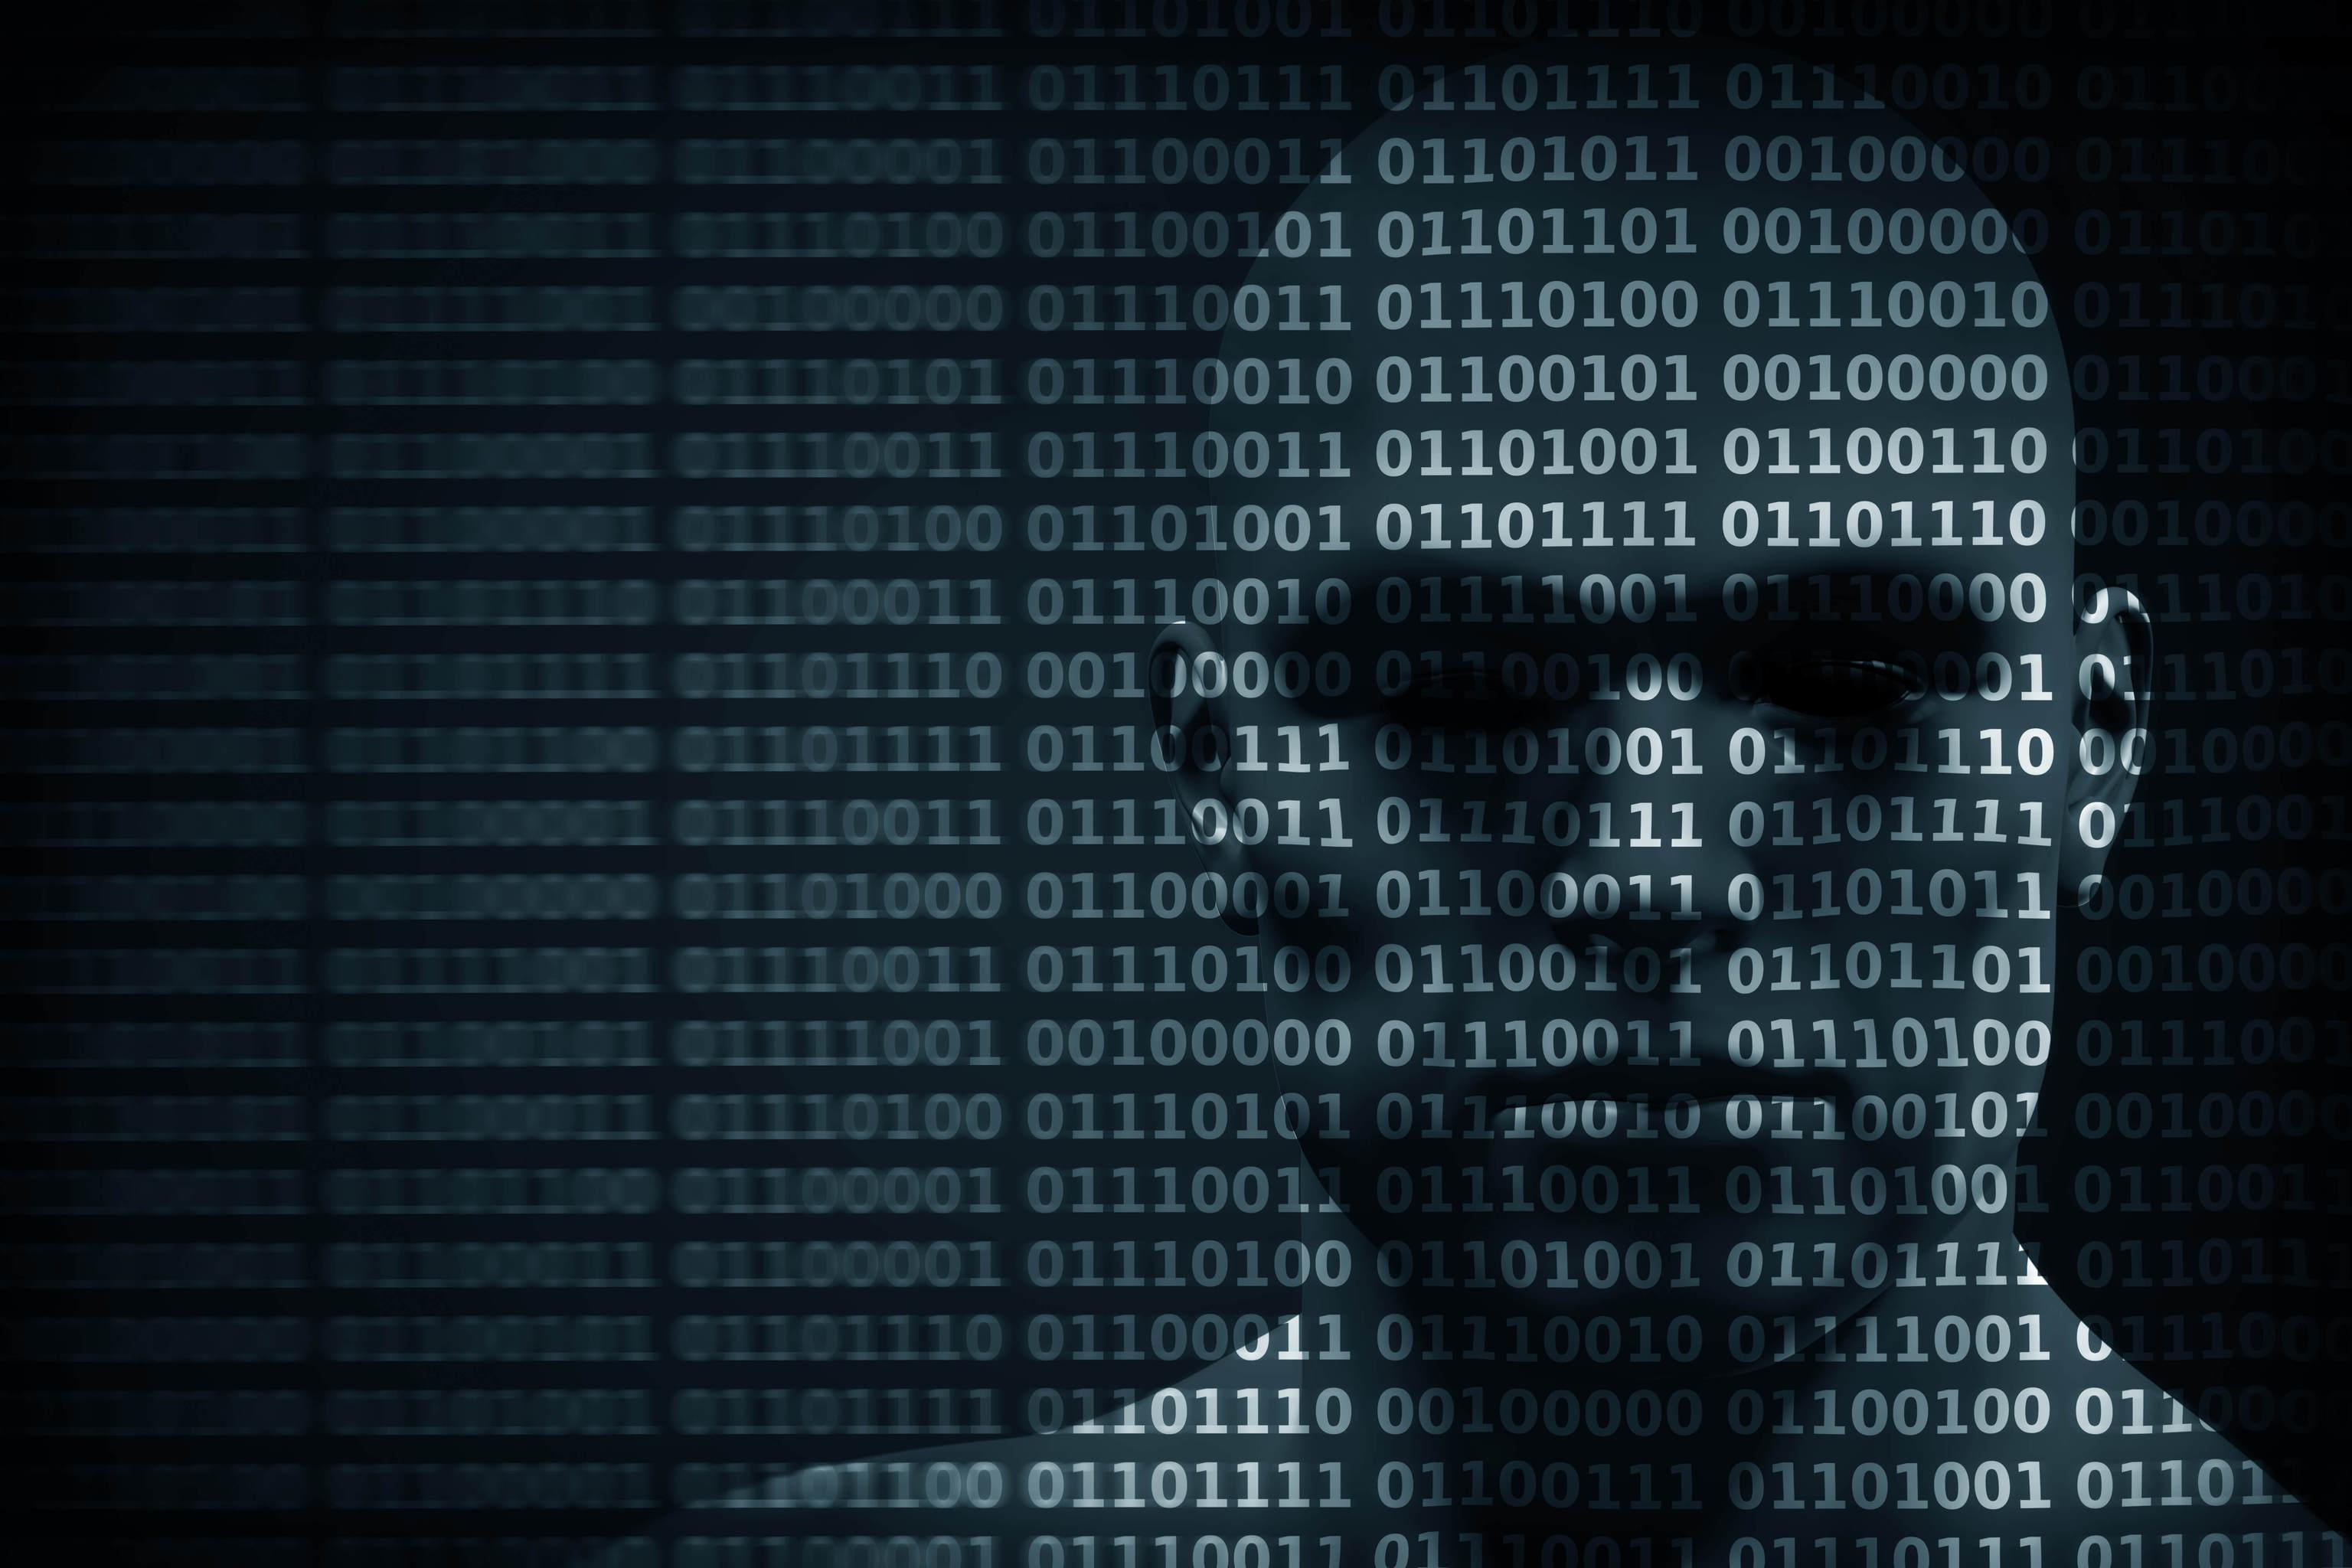 Bedarf an Identitätsmanagement für die Welt von morgen